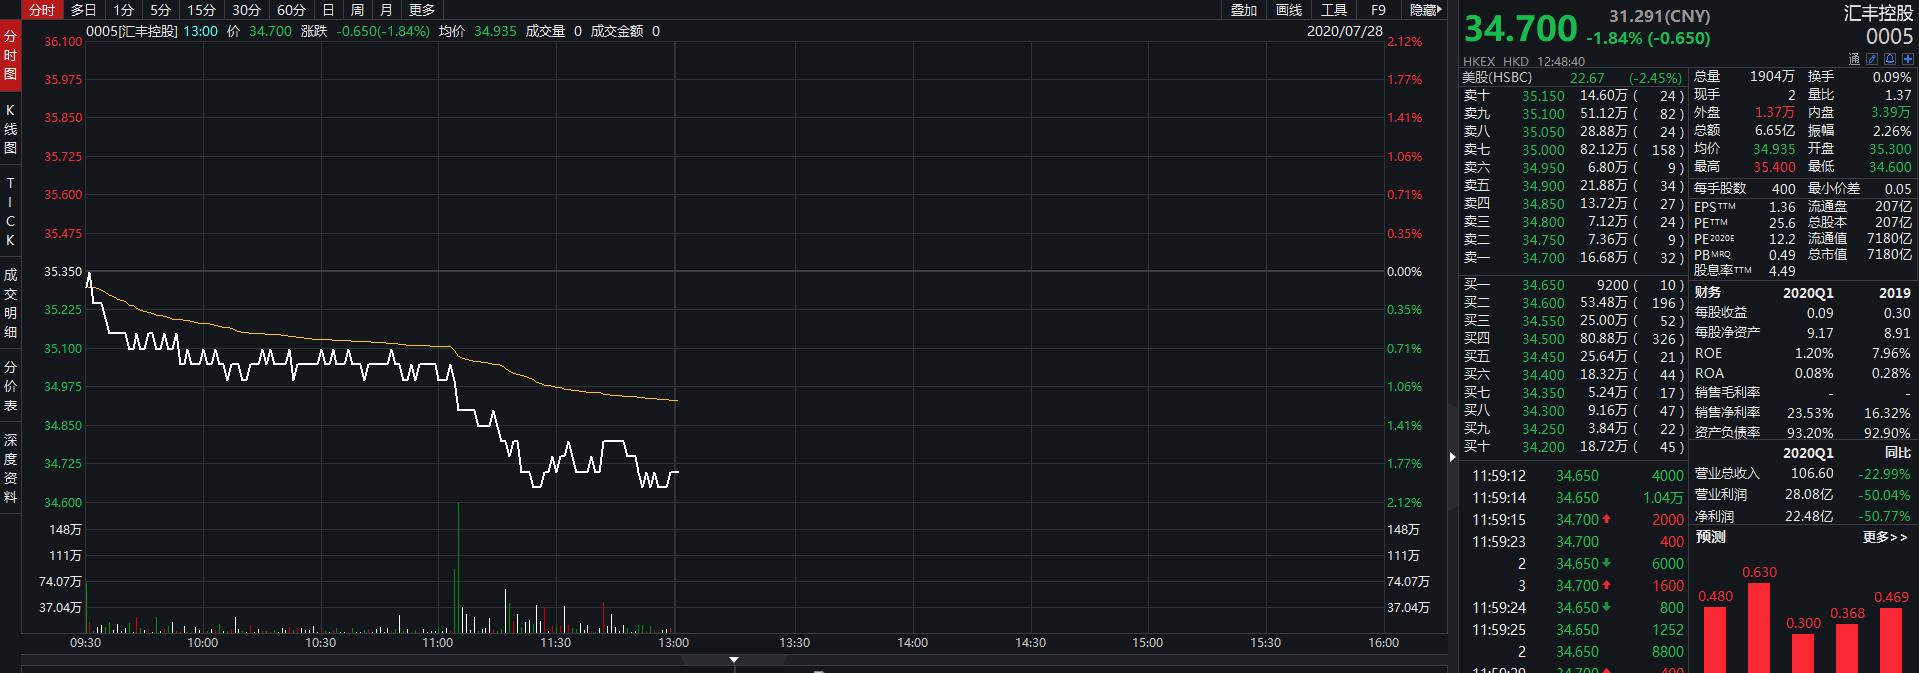 汇丰控股盘中跌近2% 失守35港元创逾4年新低